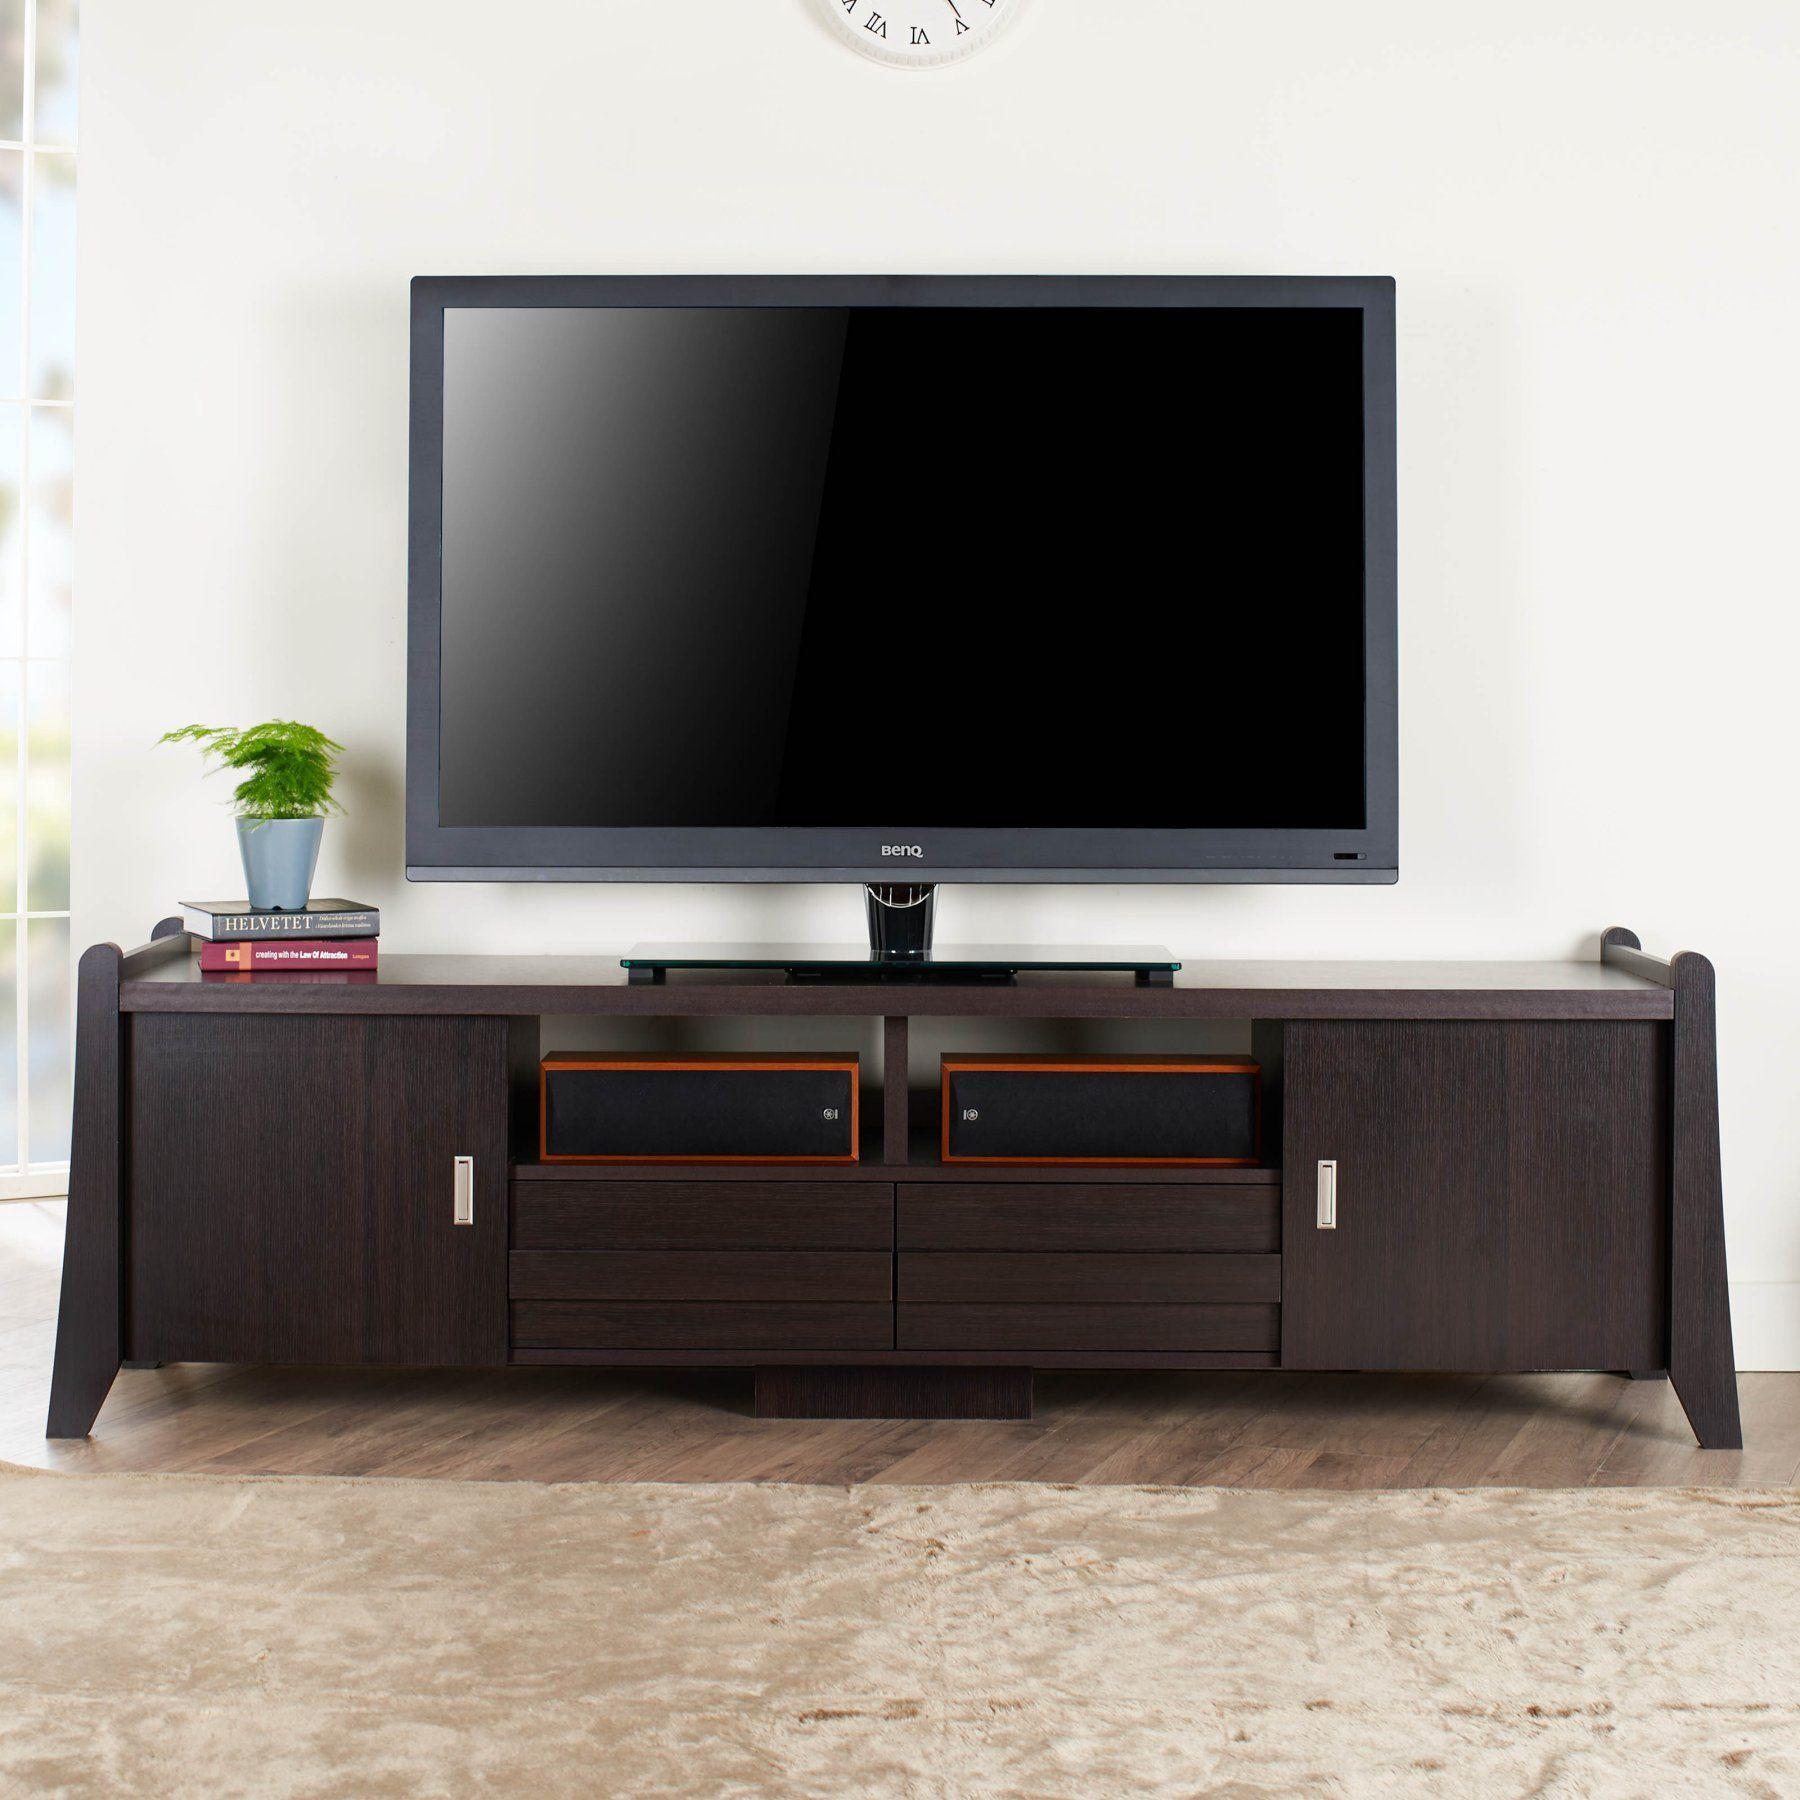 furniture of america rialto 70 in tv console ynj 1416 5